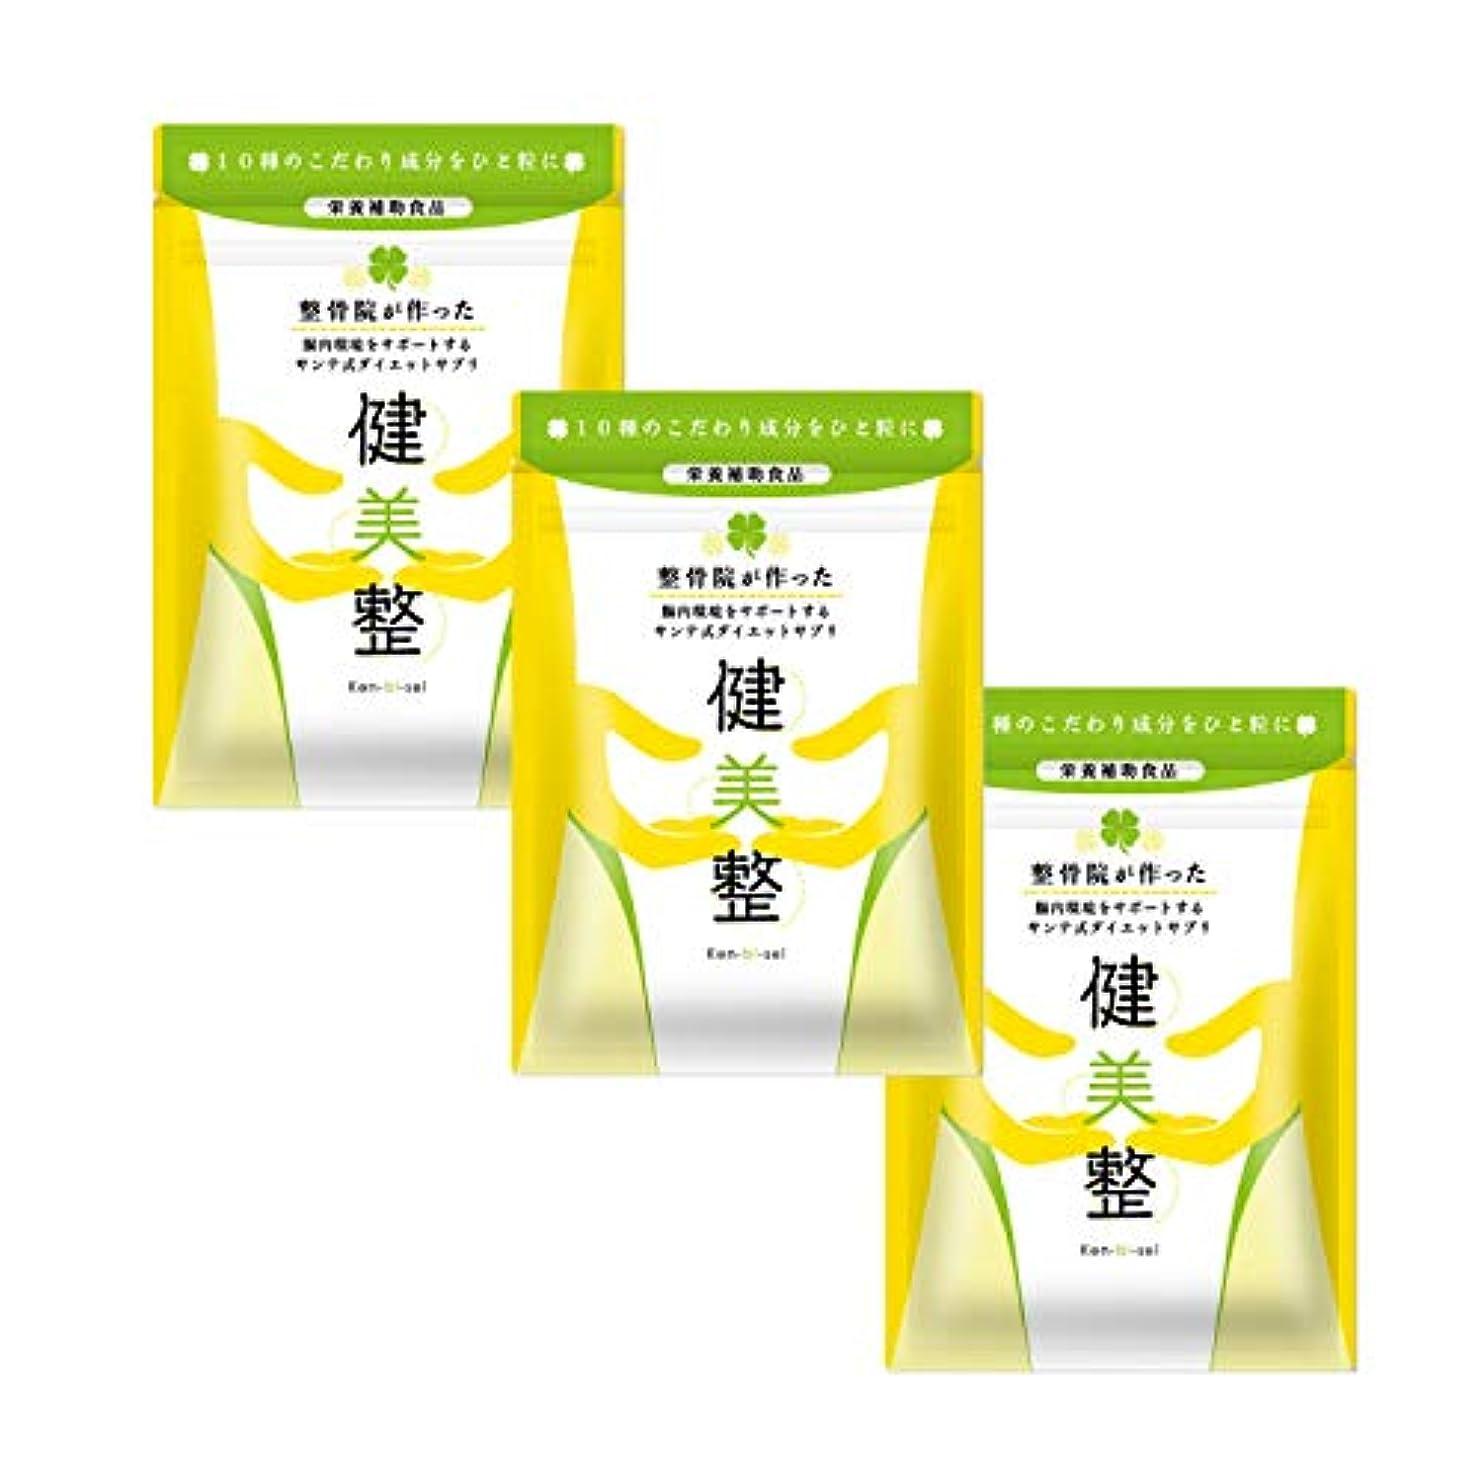 巻き戻す方言悔い改めるサプリメント ダイエット 酵素 腸内 健美整 人気 腸内環境 60粒1か月分 (3)